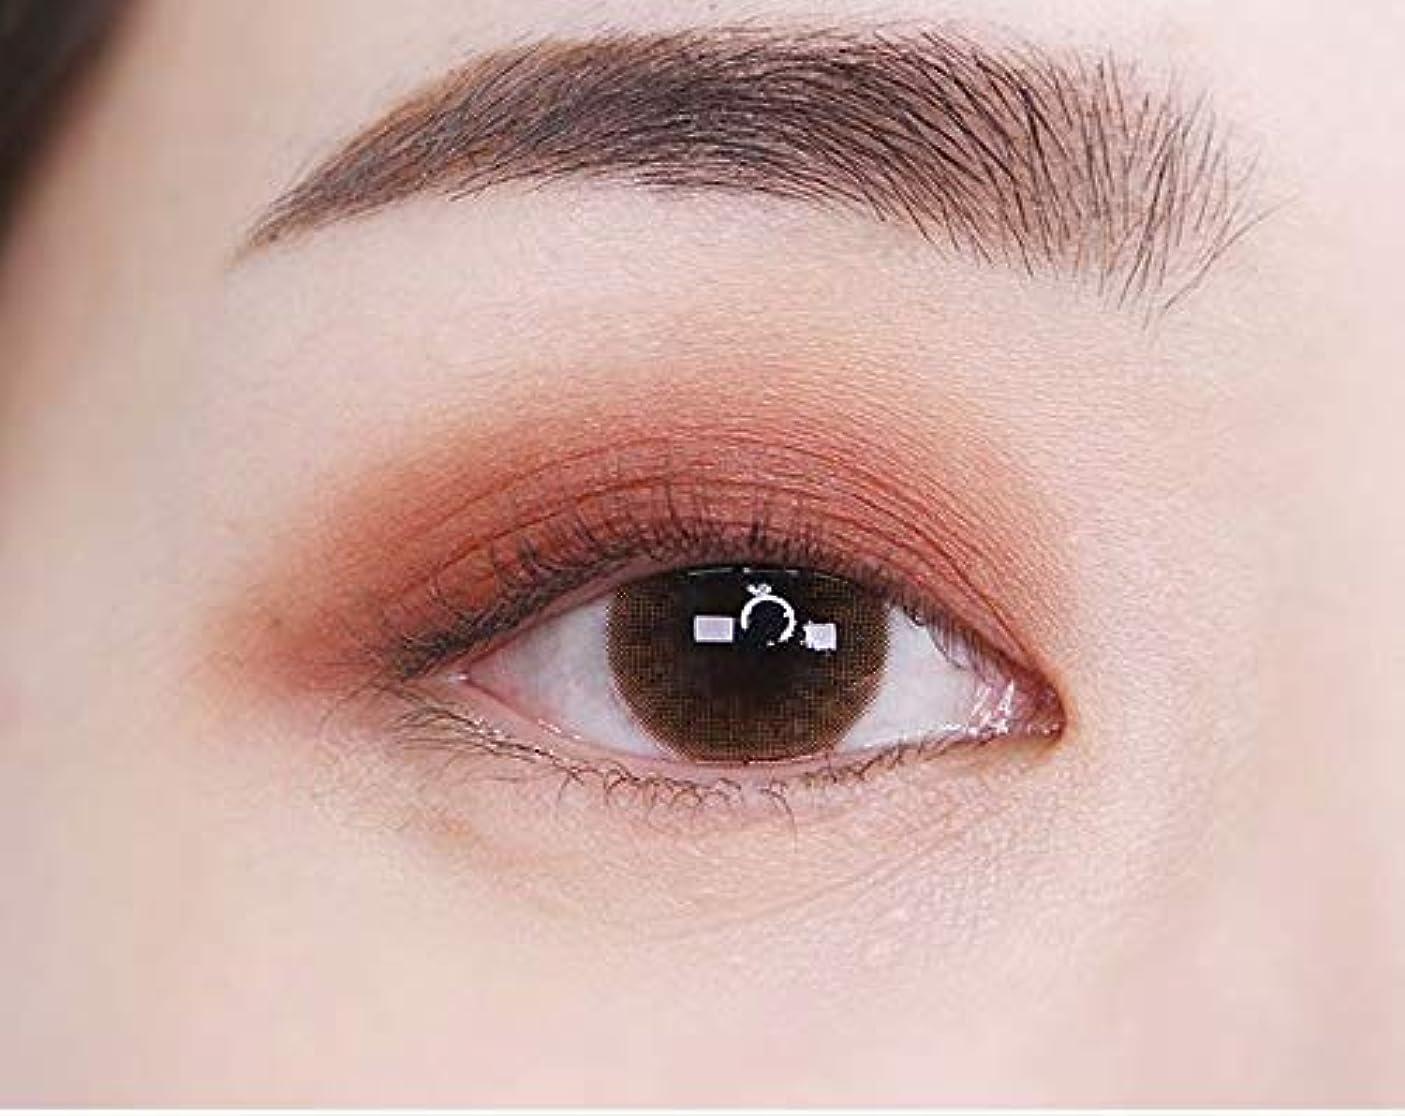 印象受け入れた艦隊[イニスフリー] innisfree [マイ パレット マイ アイシャドウ (シマ一) 3カラー] MY PALETTE My Eyeshadow (Shimmer) 3 Shades [海外直送品] (シマ一 #47)